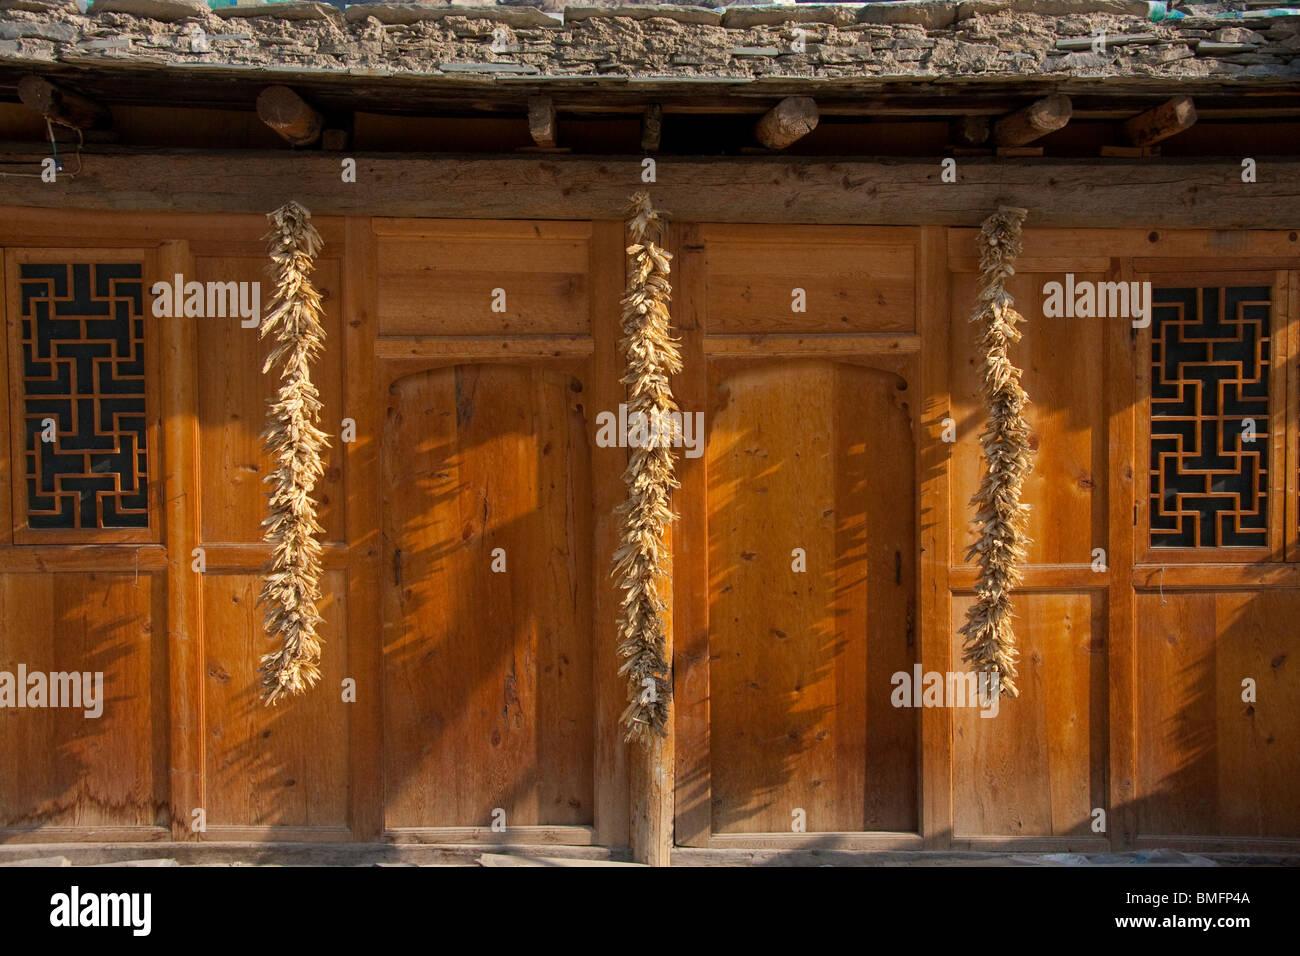 Qiang traditional wooden house, Yingxiu, Wenchuan, Sichuan Province, China - Stock Image